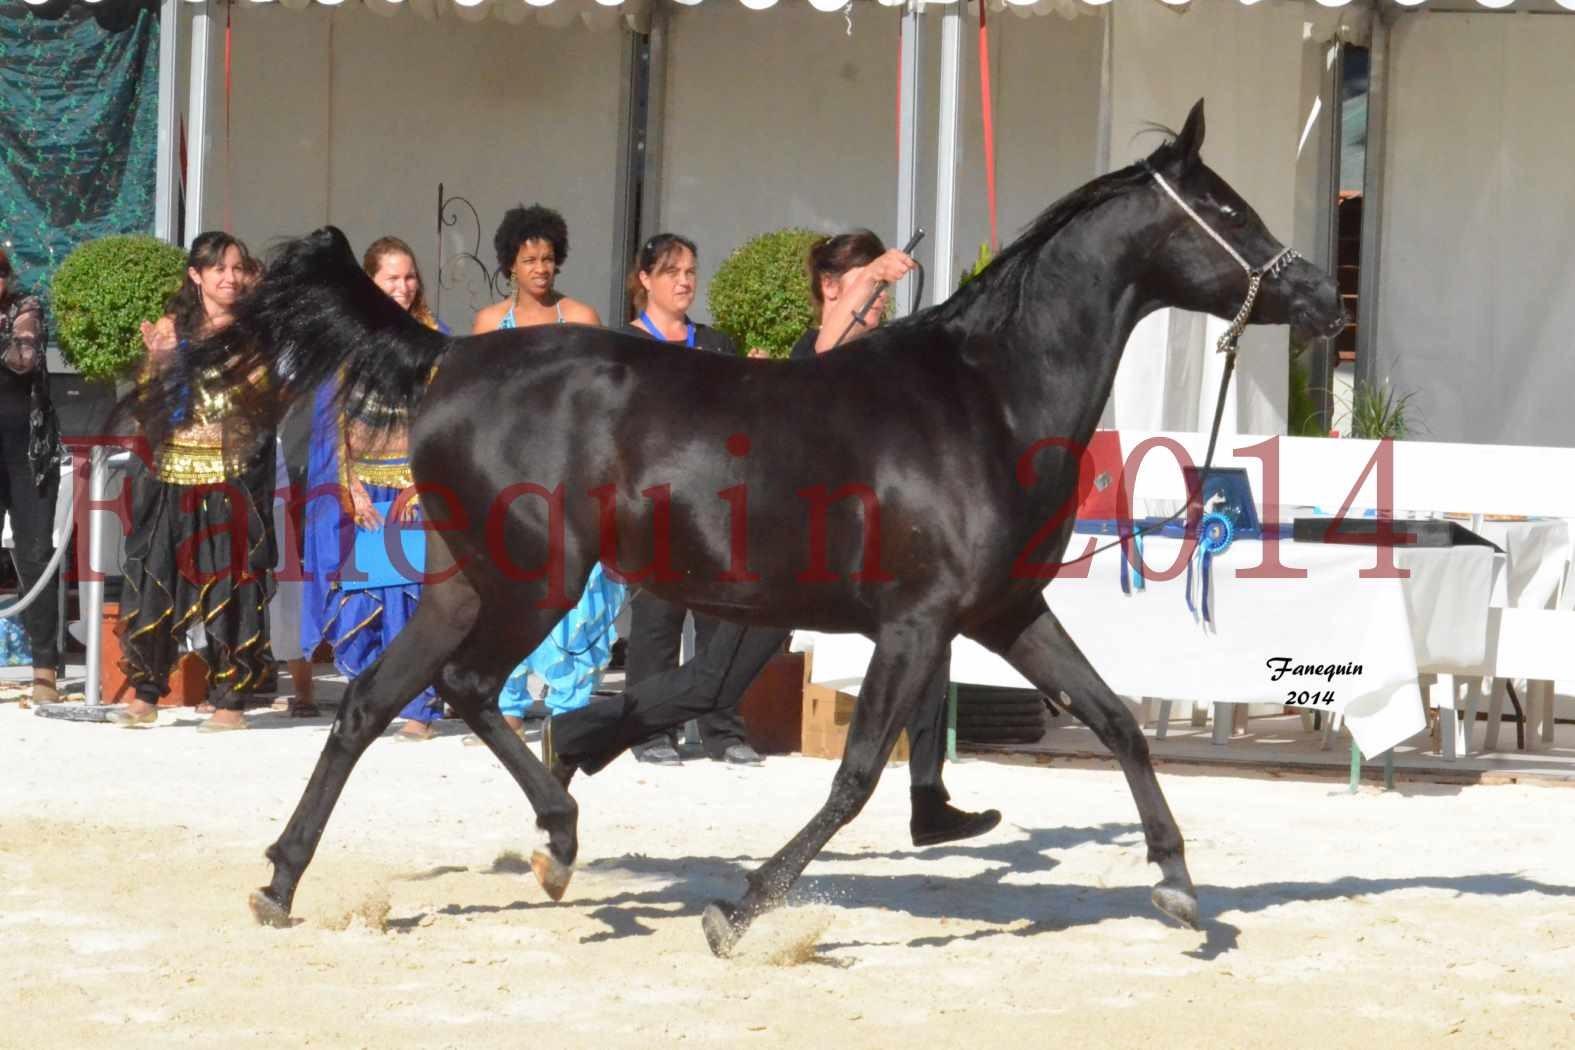 Concours National de Nîmes de chevaux ARABES 2014 - Notre Sélection - COLKAZEENIA DU SOLEIL - 2